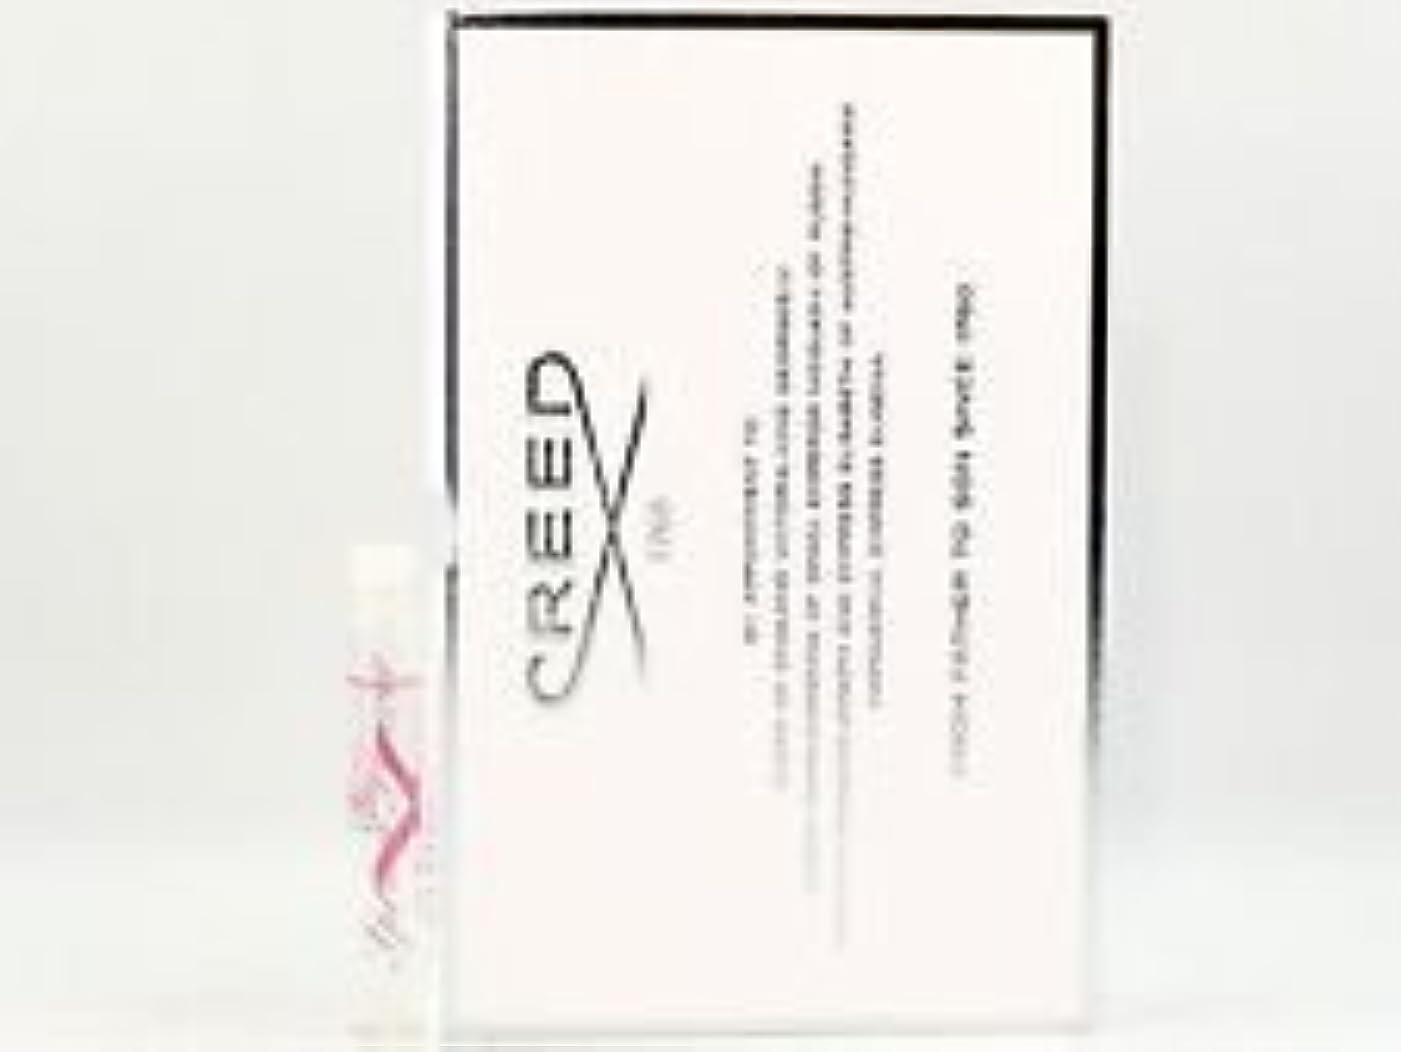 ビーム大気司書Creed Spring Flower (クリード スプリングフラワー) 0.08 oz (2.5ml) サンプル Vial for Women